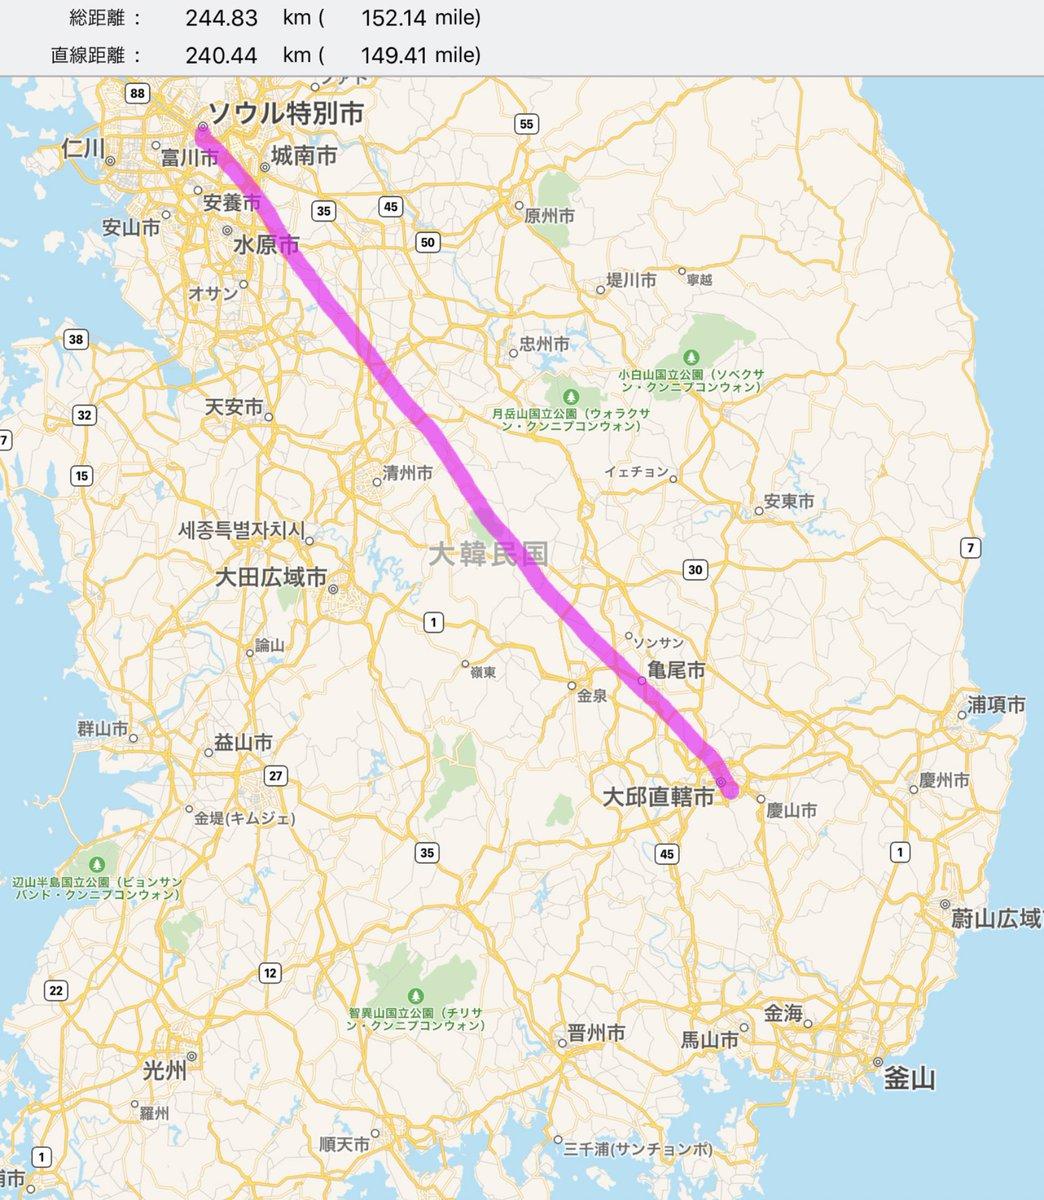 邸 韓国 大 『もう乗れない! セコマルで行く釜山・慶州・大邸の旅